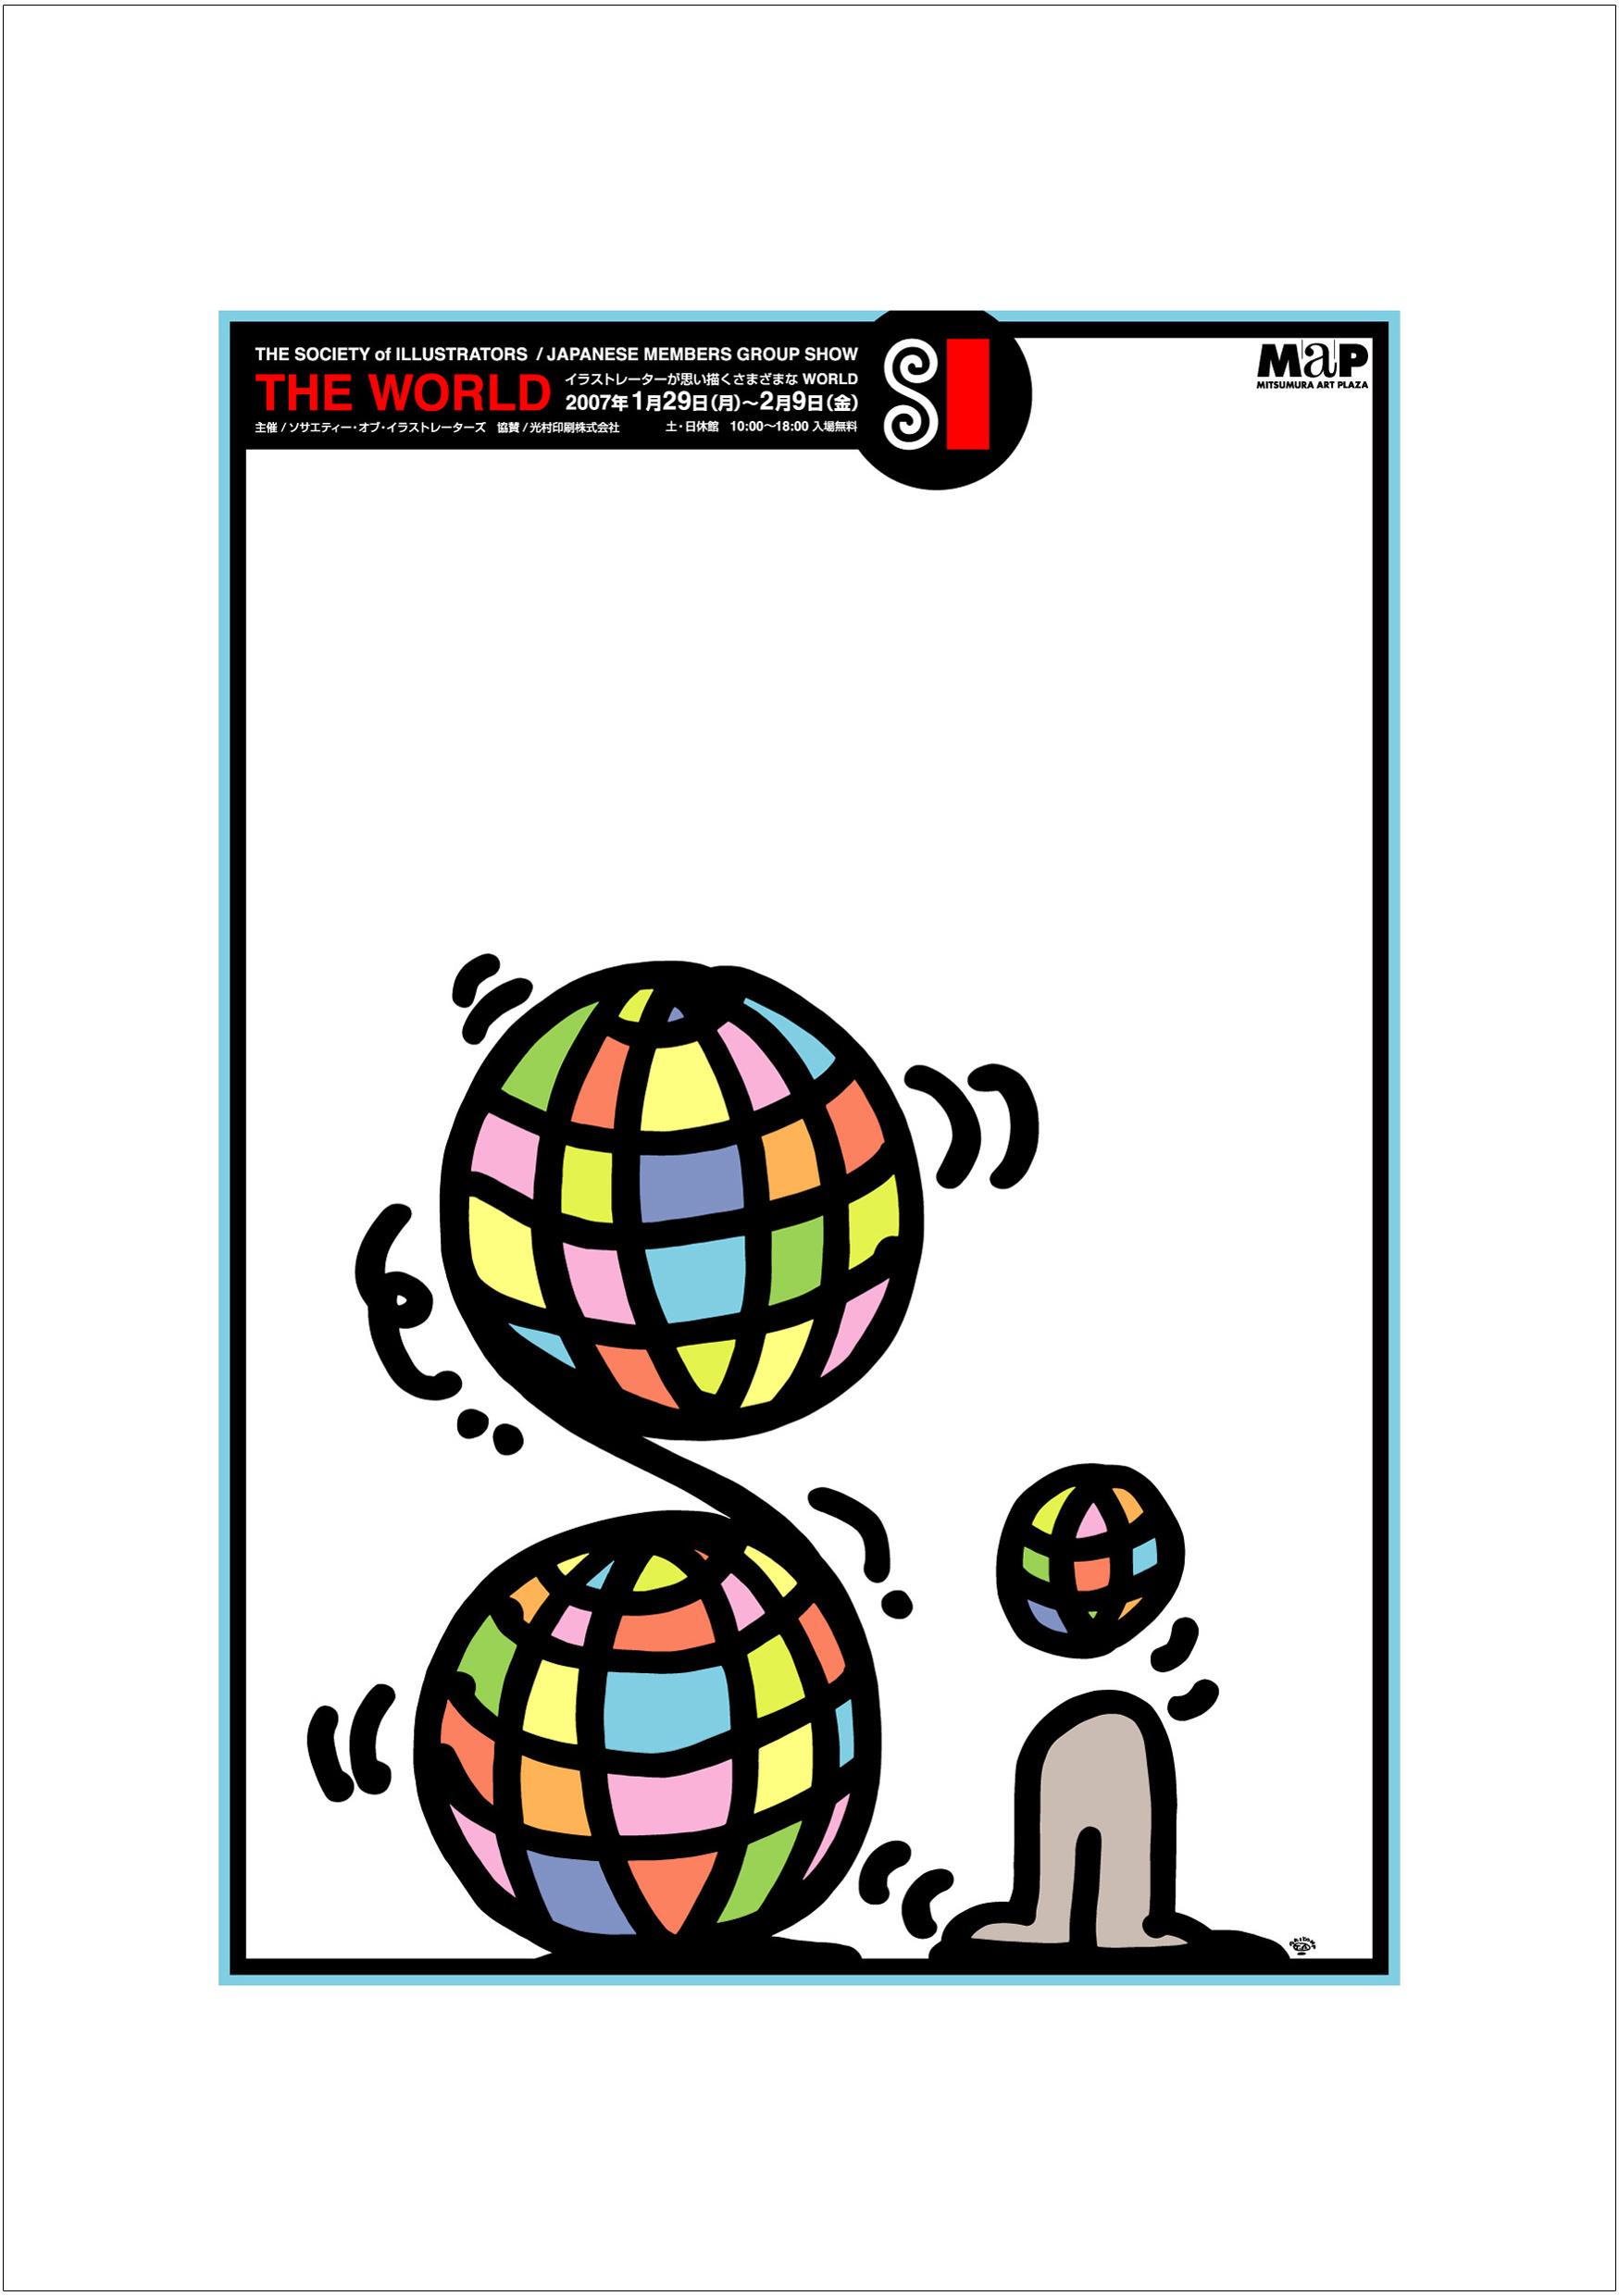 ポスターアーティスト秋山孝が2007年に制作したアートカード「アートカード ポスター 2007 02」